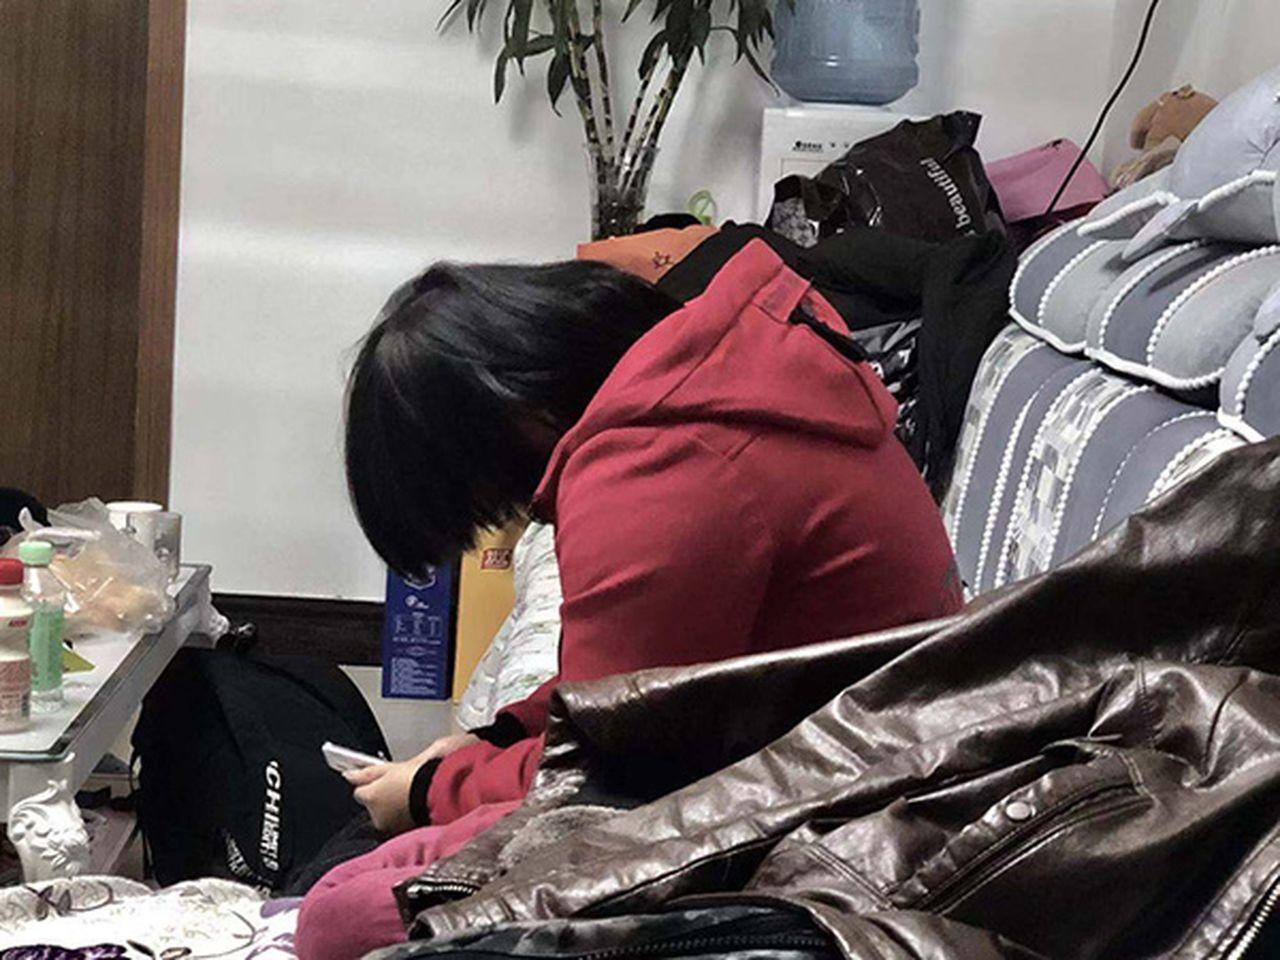 河南少女失蹤6年後尋獲,慘遭一對父子性侵導致精神分裂。 圖/取自澎湃新聞